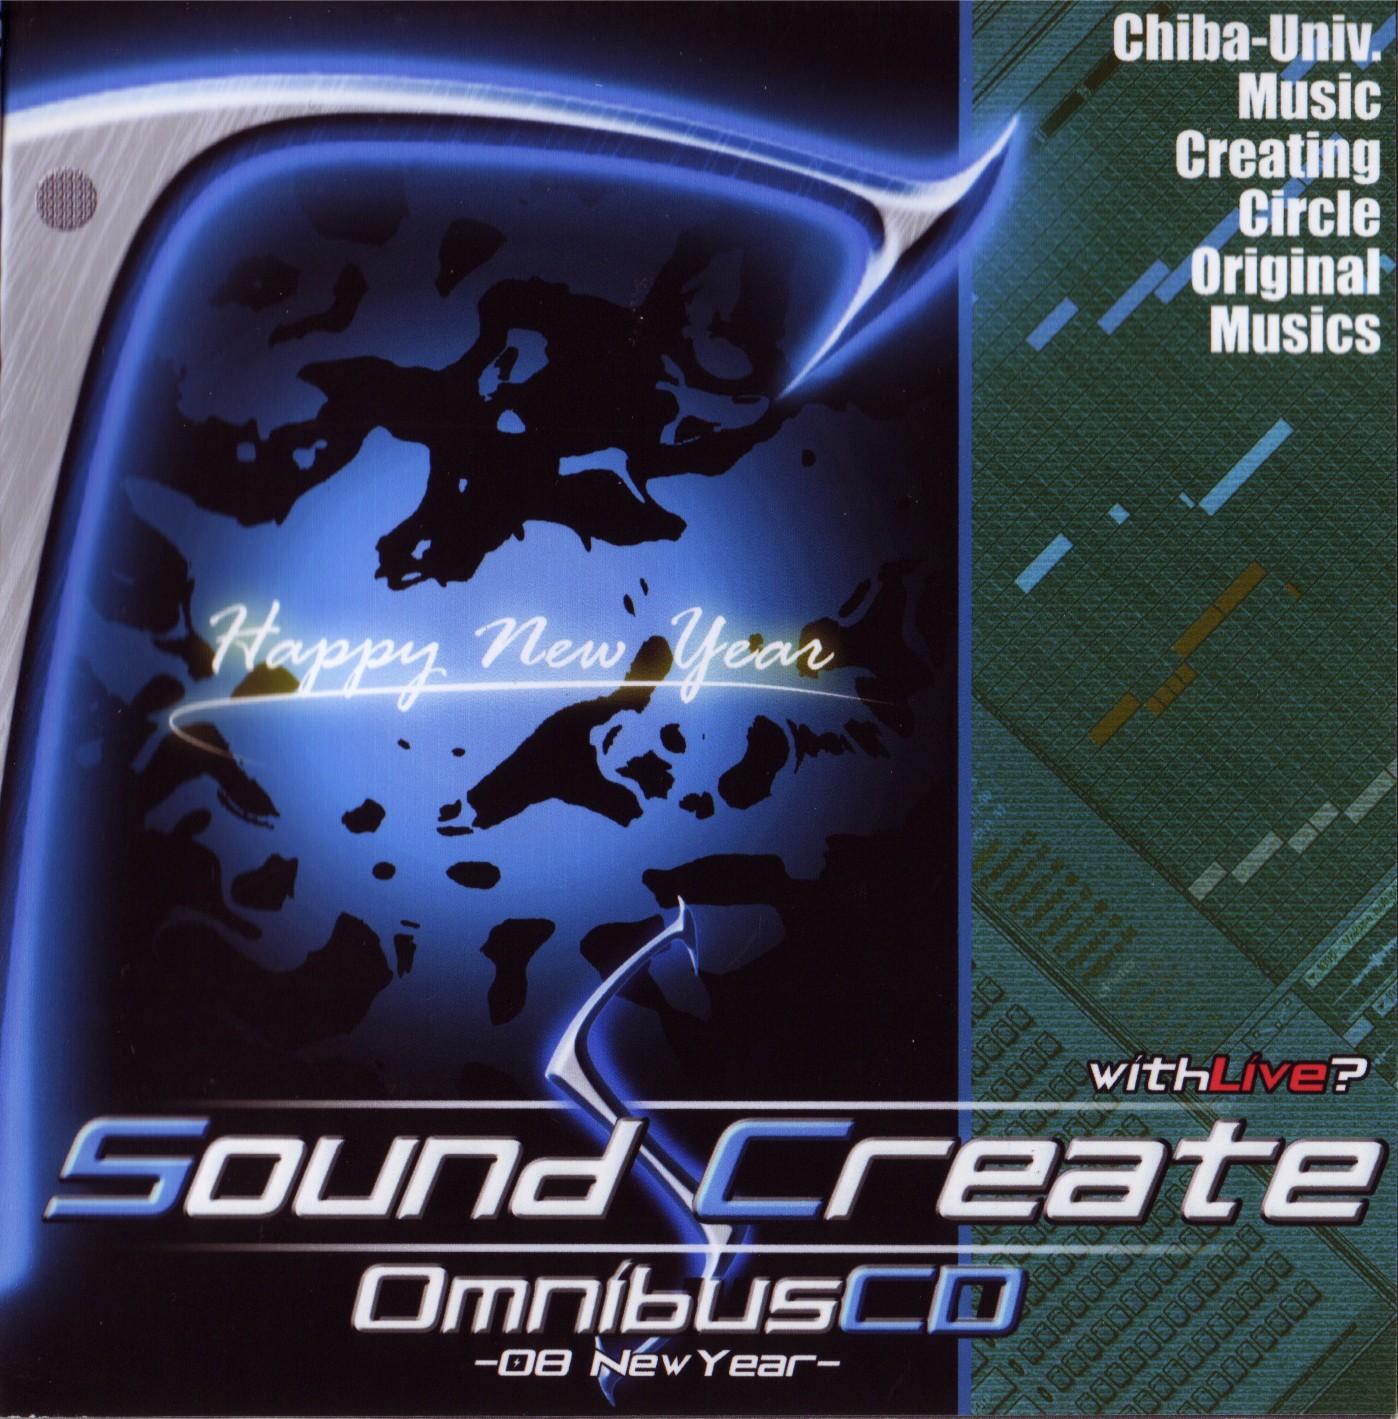 Sound Create OmnibusCD -'08 NewYear- / V.A.